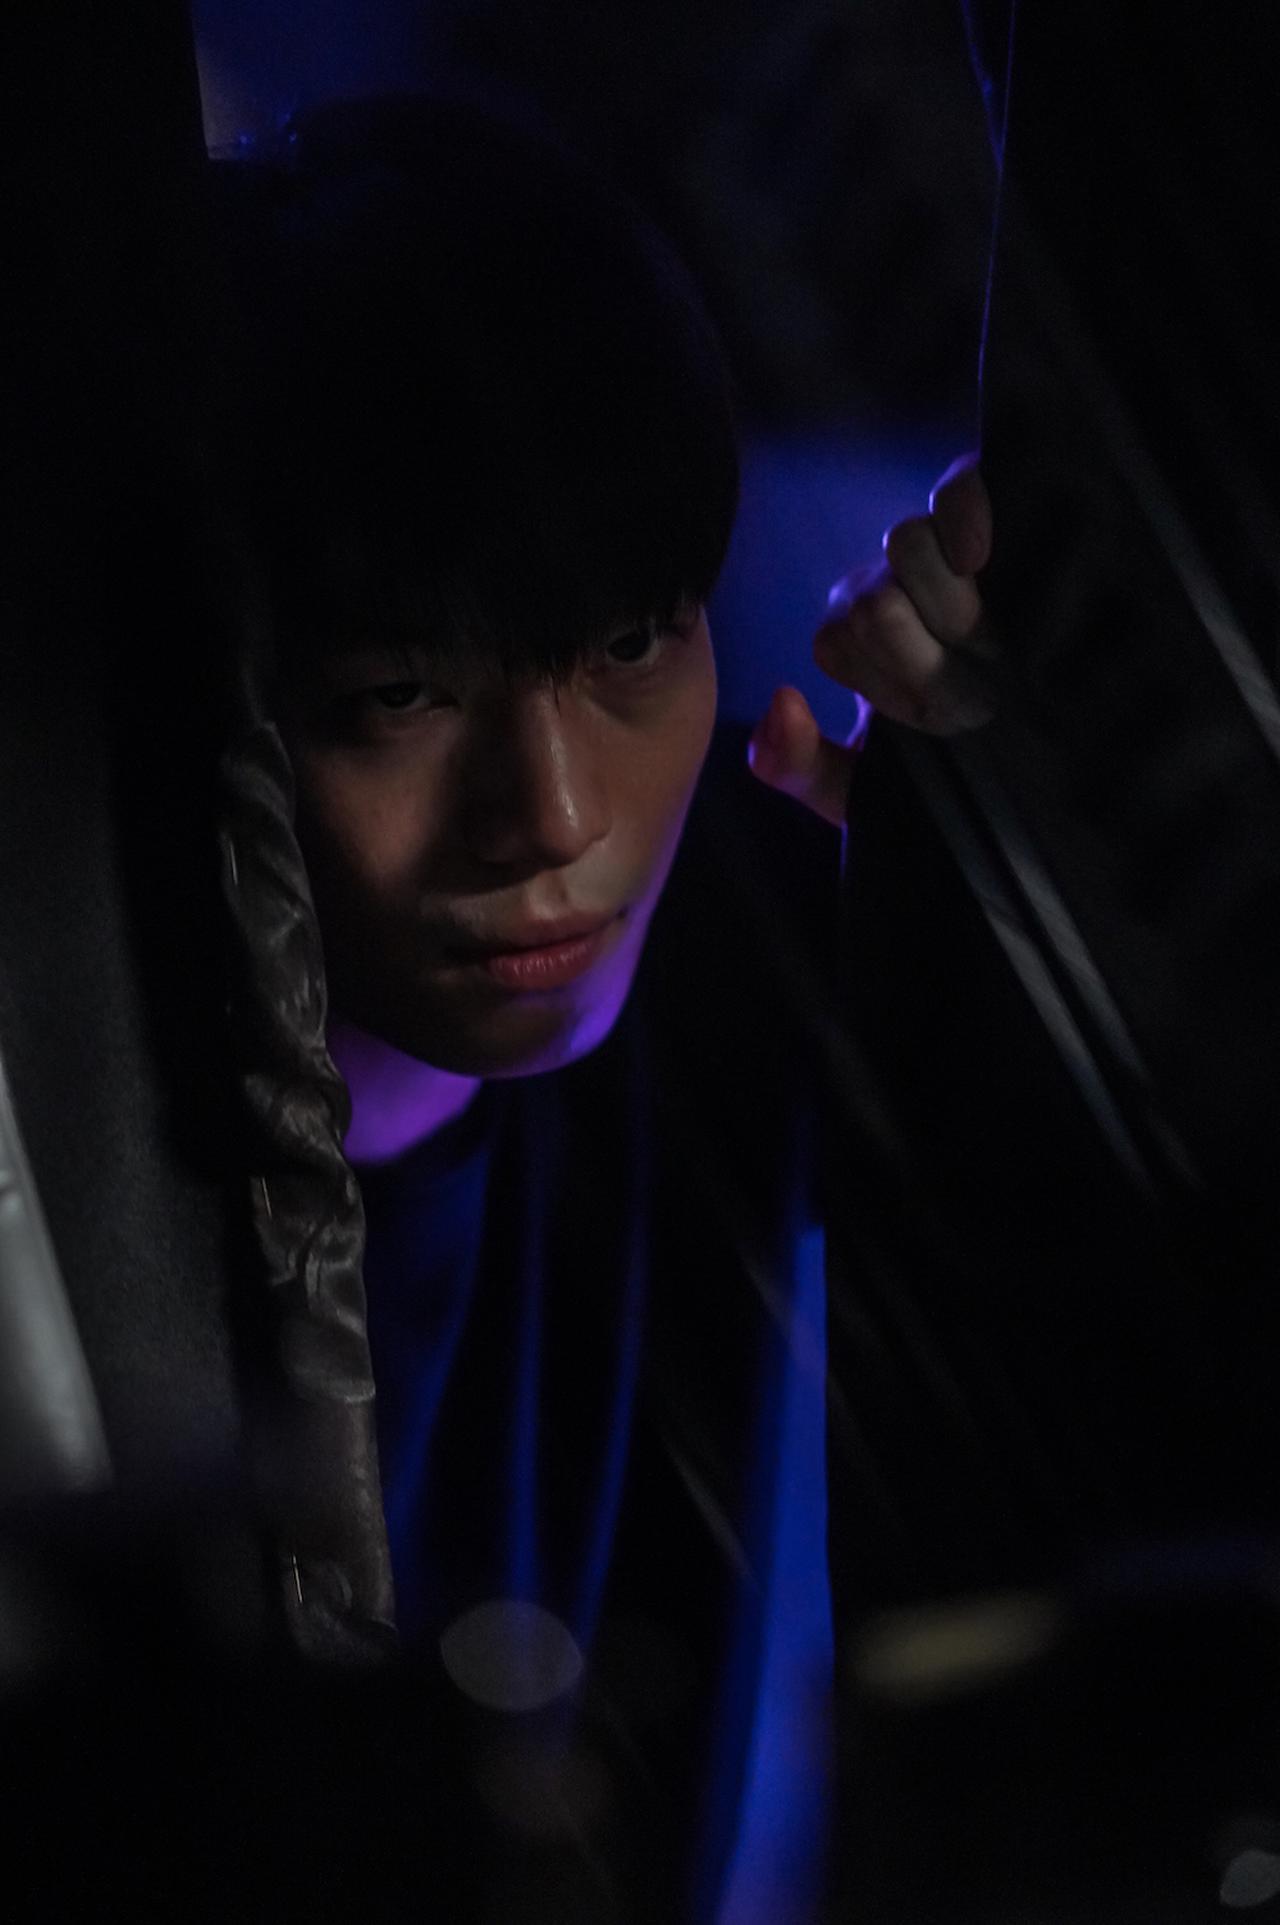 画像: ウィ・ハジュンが殺人鬼を演じるサイレントスリラー『殺人⻤から逃げる夜』ミニシアターランキング1位に!本編映像解禁